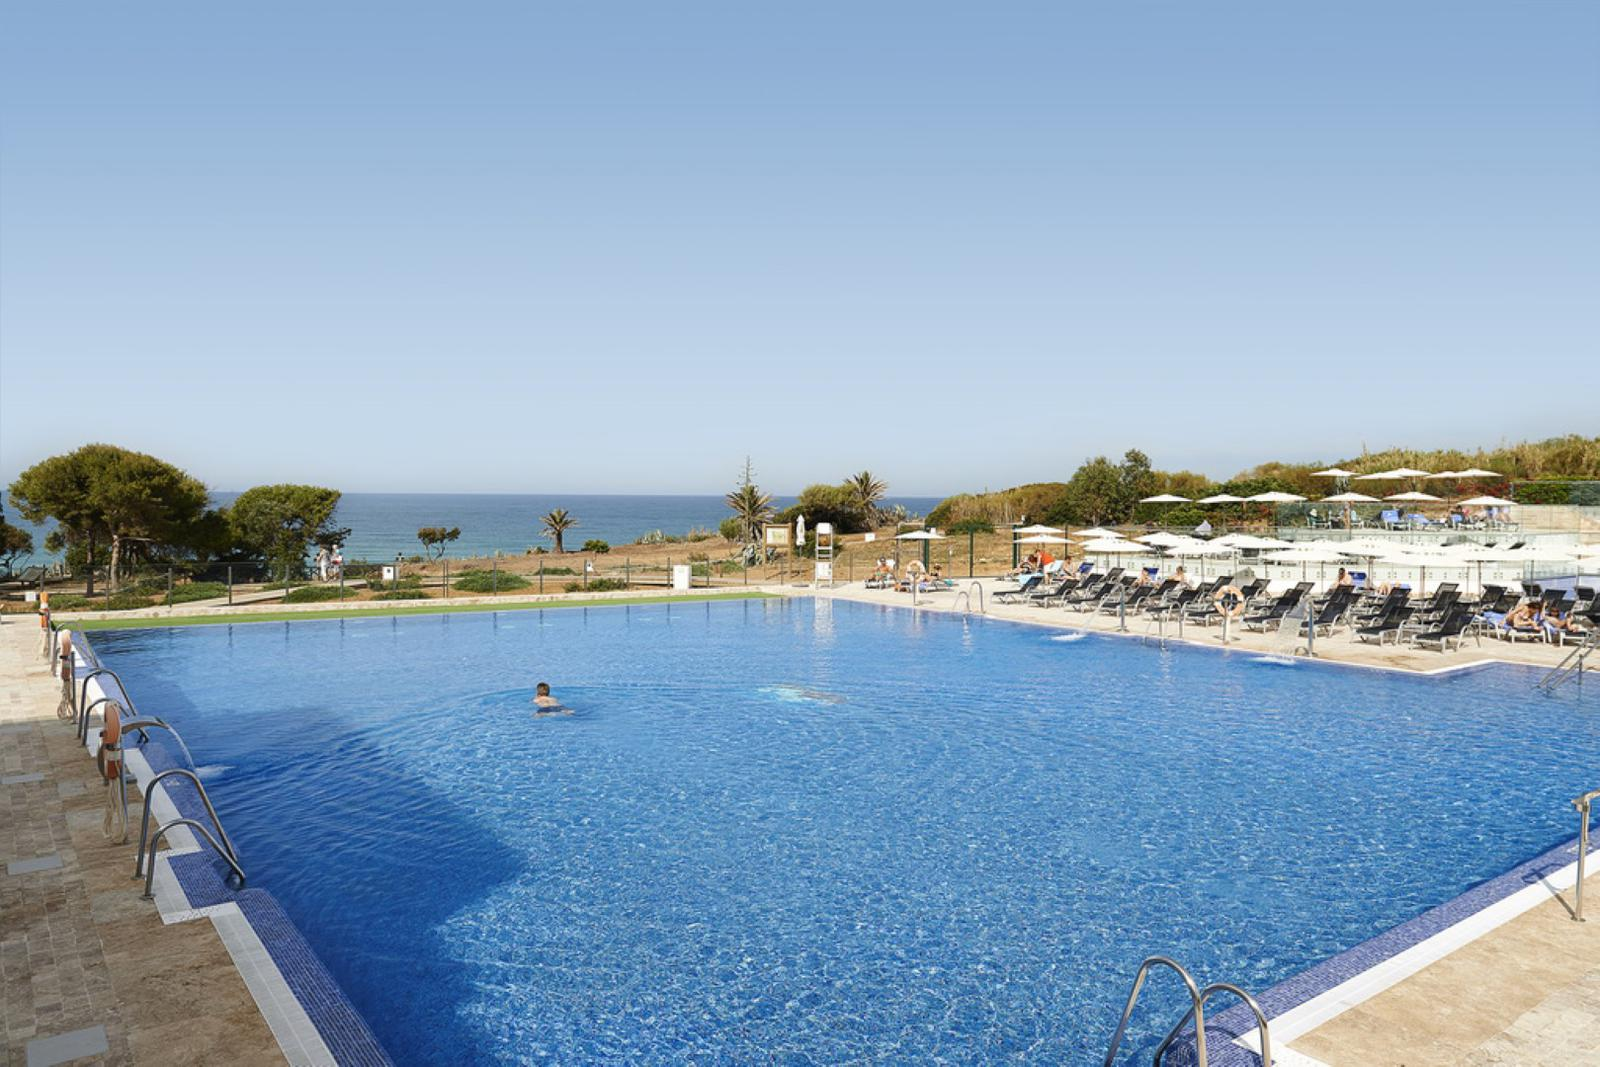 hoteles de playa Piscina exterior de Hipotels Gran Conil, Cádiz